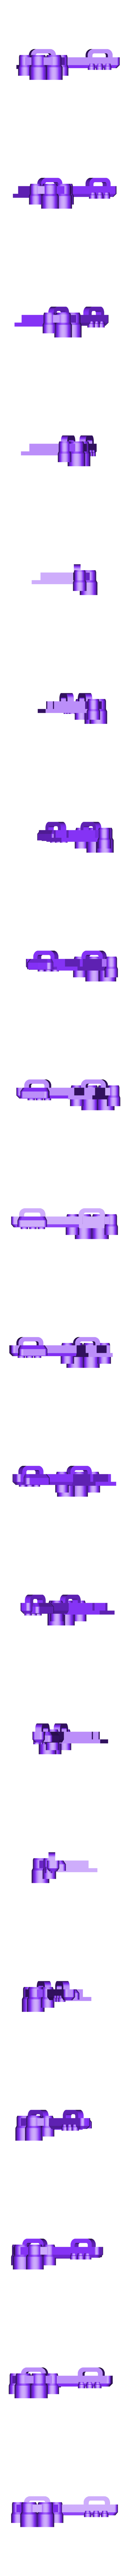 dashboard_v2.stl Télécharger fichier STL gratuit Kit de cockpit pour véhicules RC et modèles FPV au sol. • Objet imprimable en 3D, 3dxl